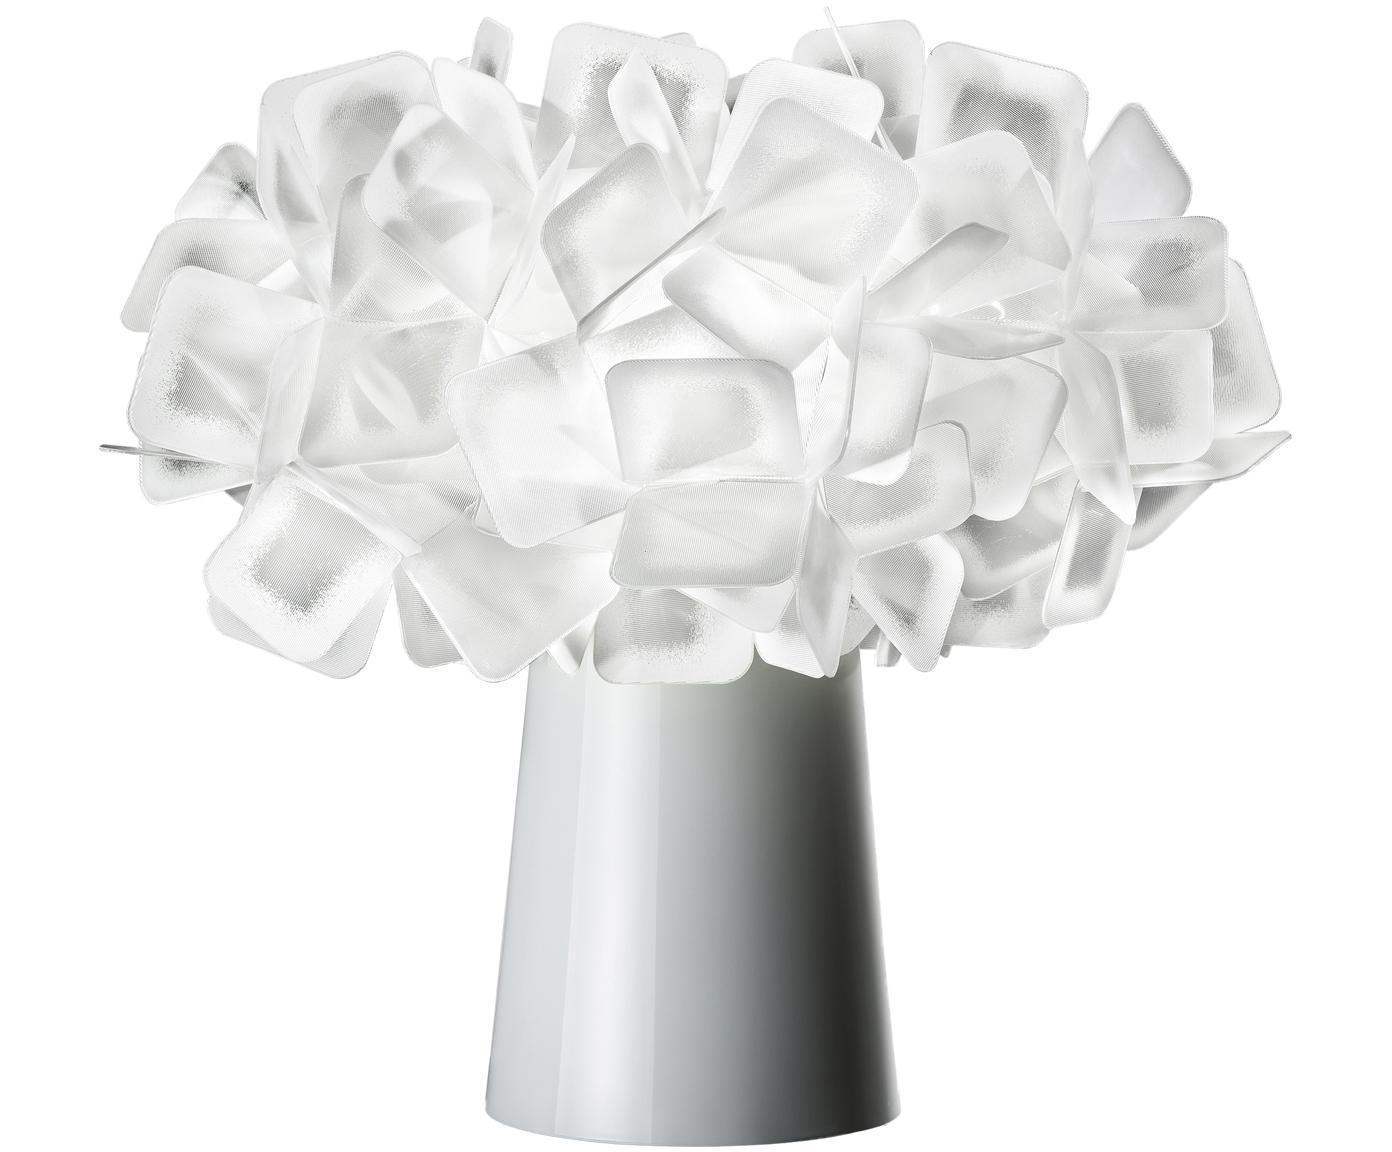 Design-Tischleuchte Clizia, Lampenschirm: Technopolymere Lentiflex®, Lampenfuß: Stahl, beschichtet, Weiß, Ø 27 x H 25 cm